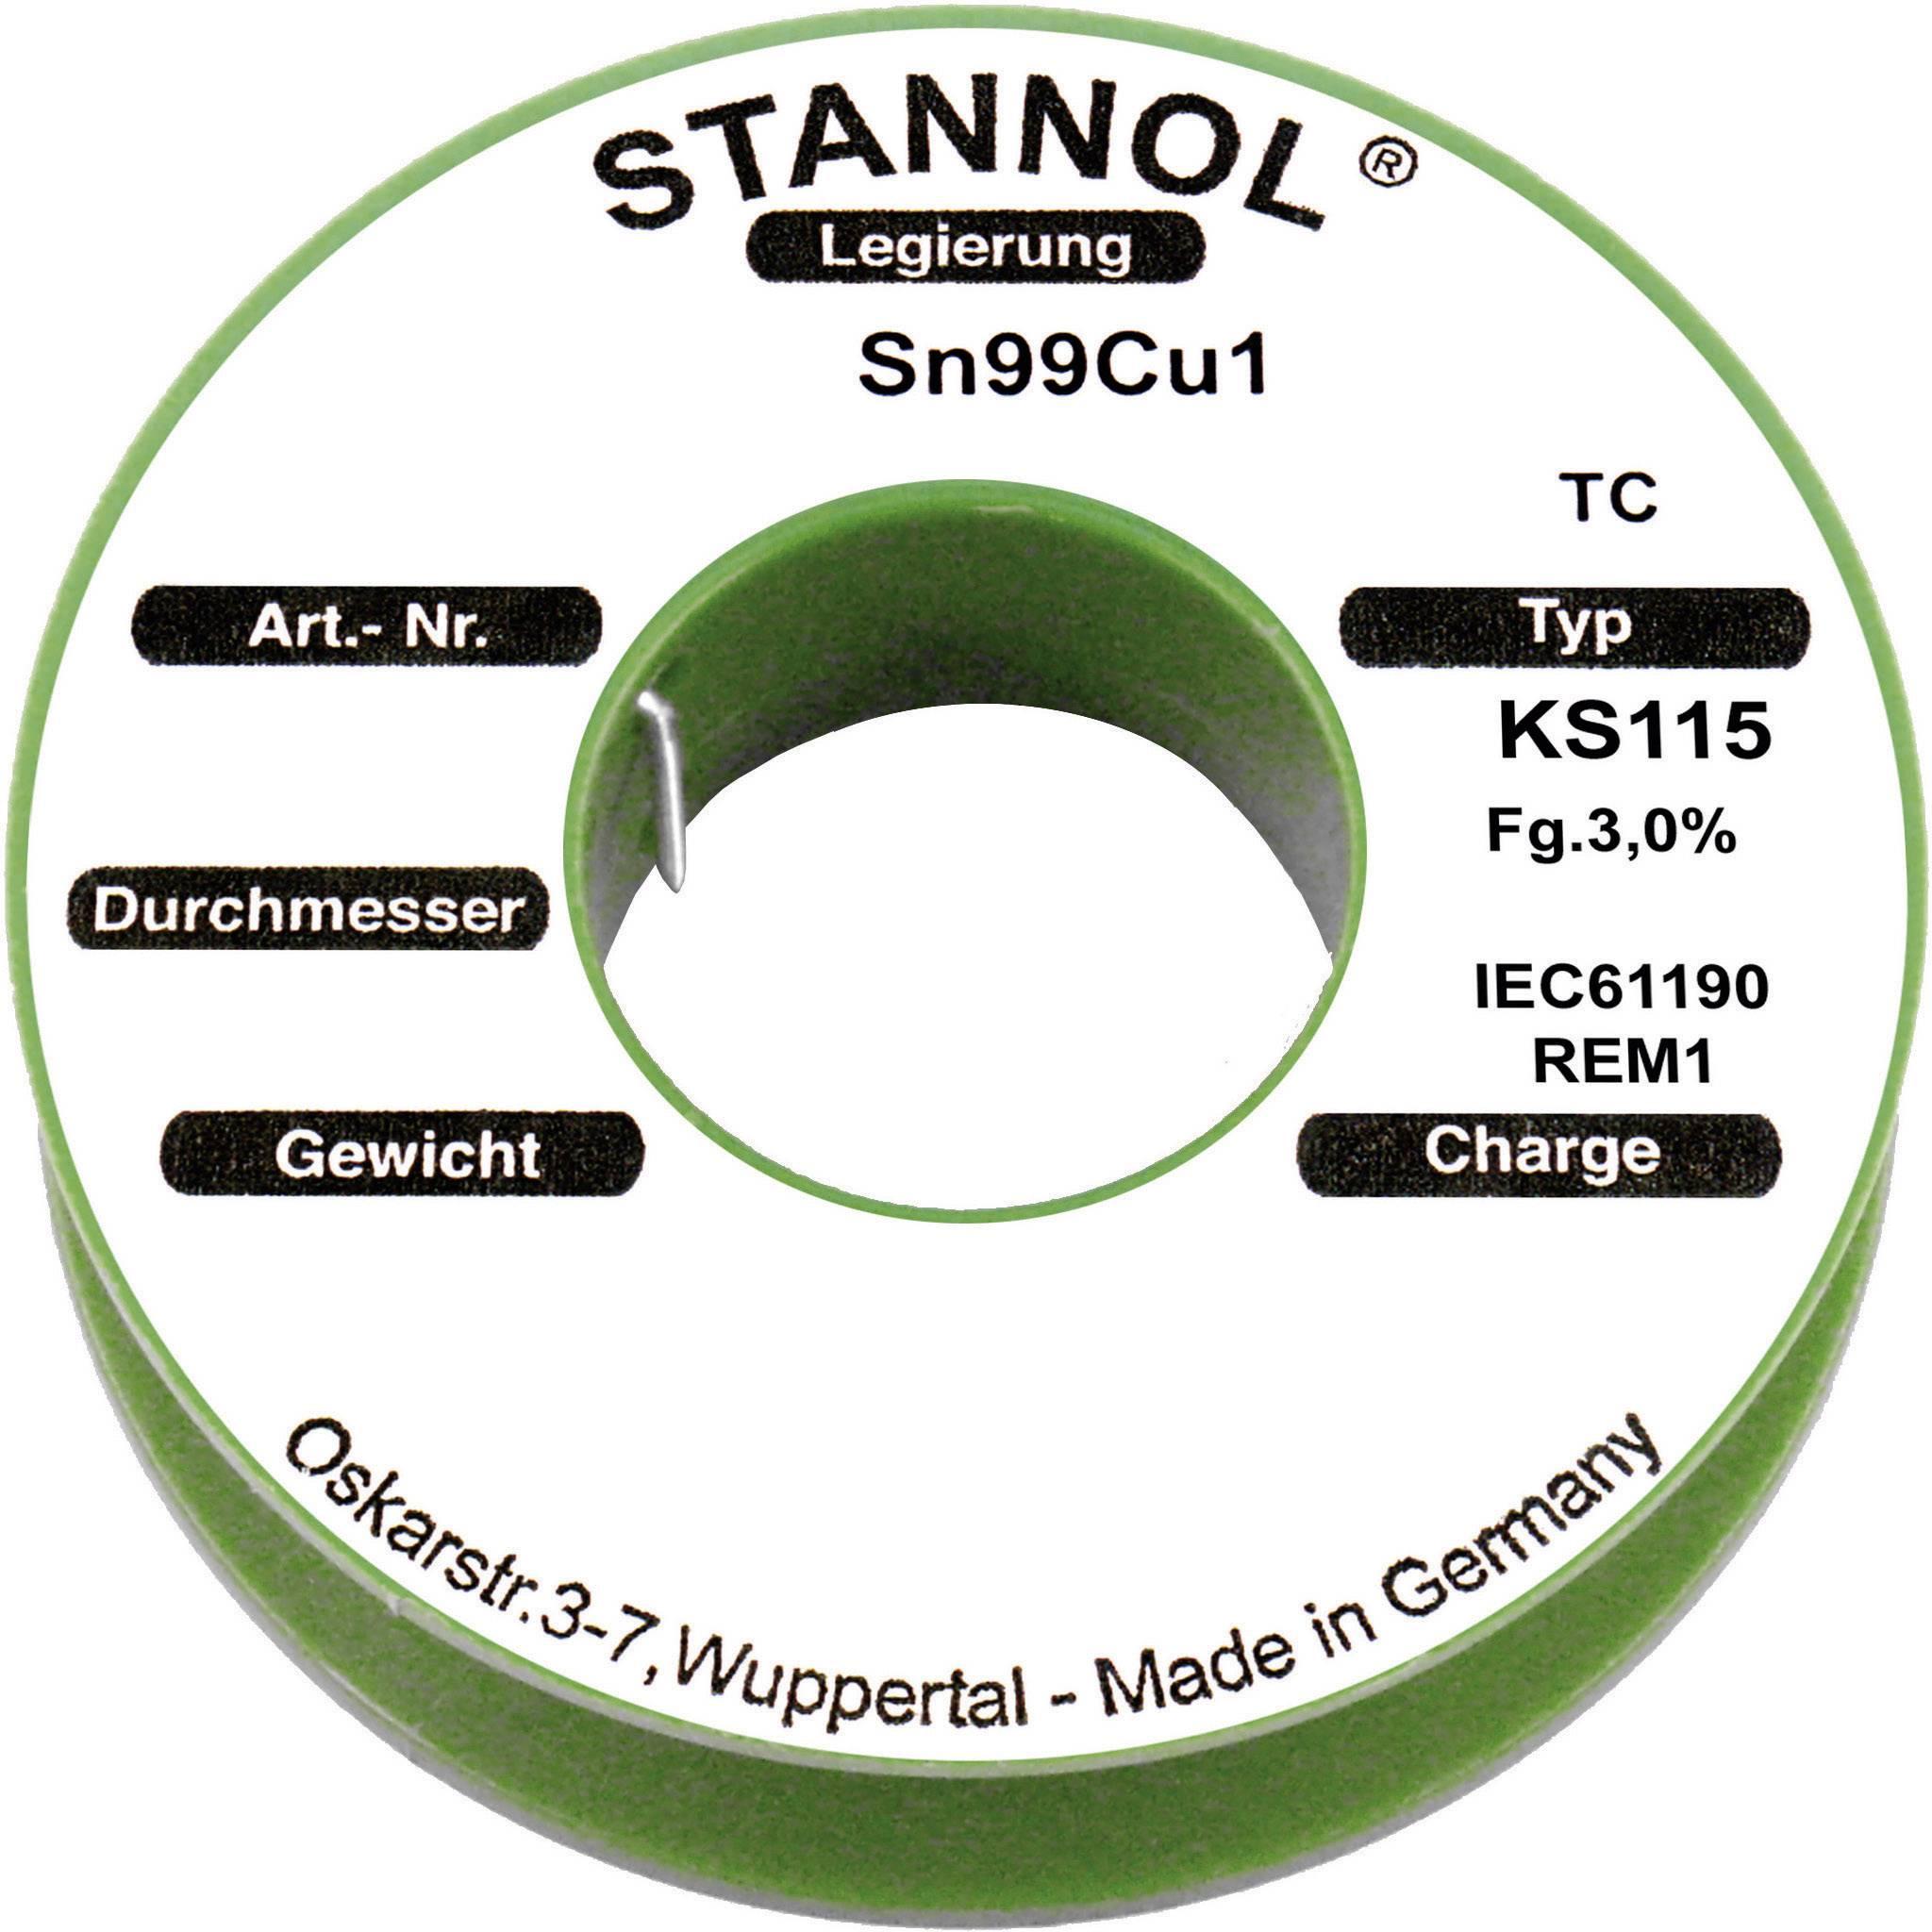 Cínová spájka PBF Sn99Cu1, Ø 1 mm, 250 g, Stannol KS115